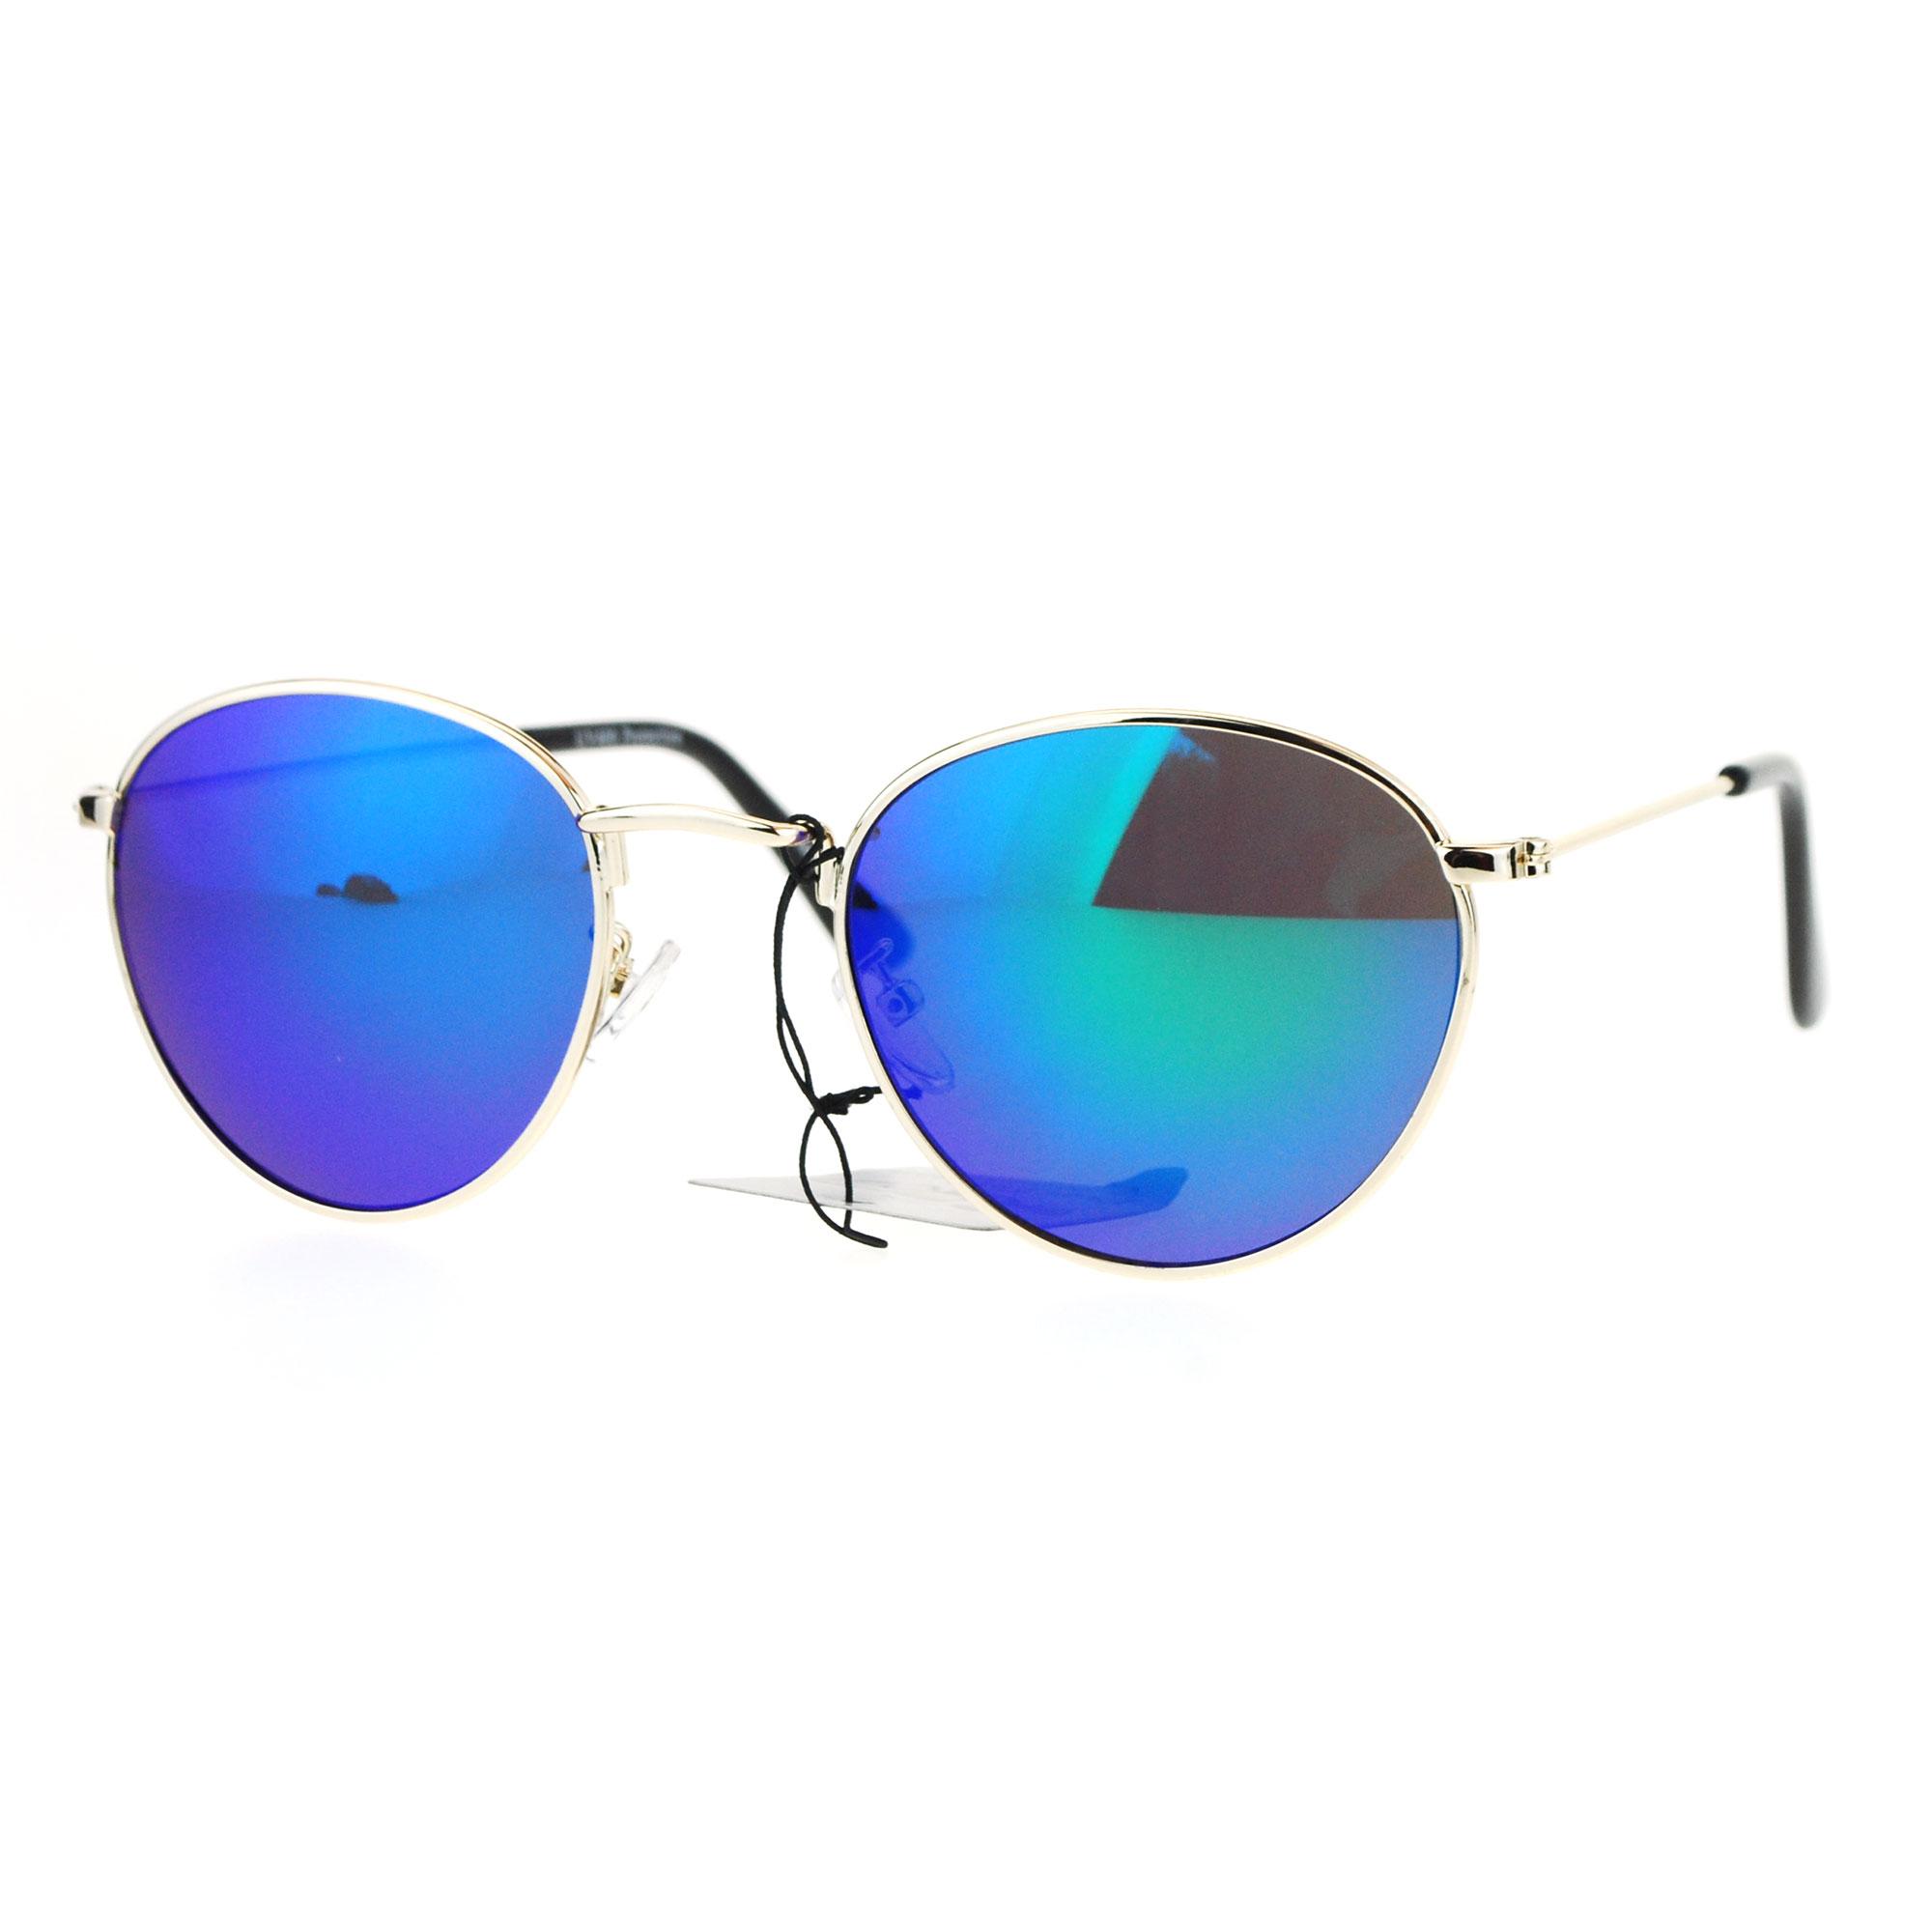 Womens 90s Color Mirror Boyfriend Style Sitcom Star Sunglasses